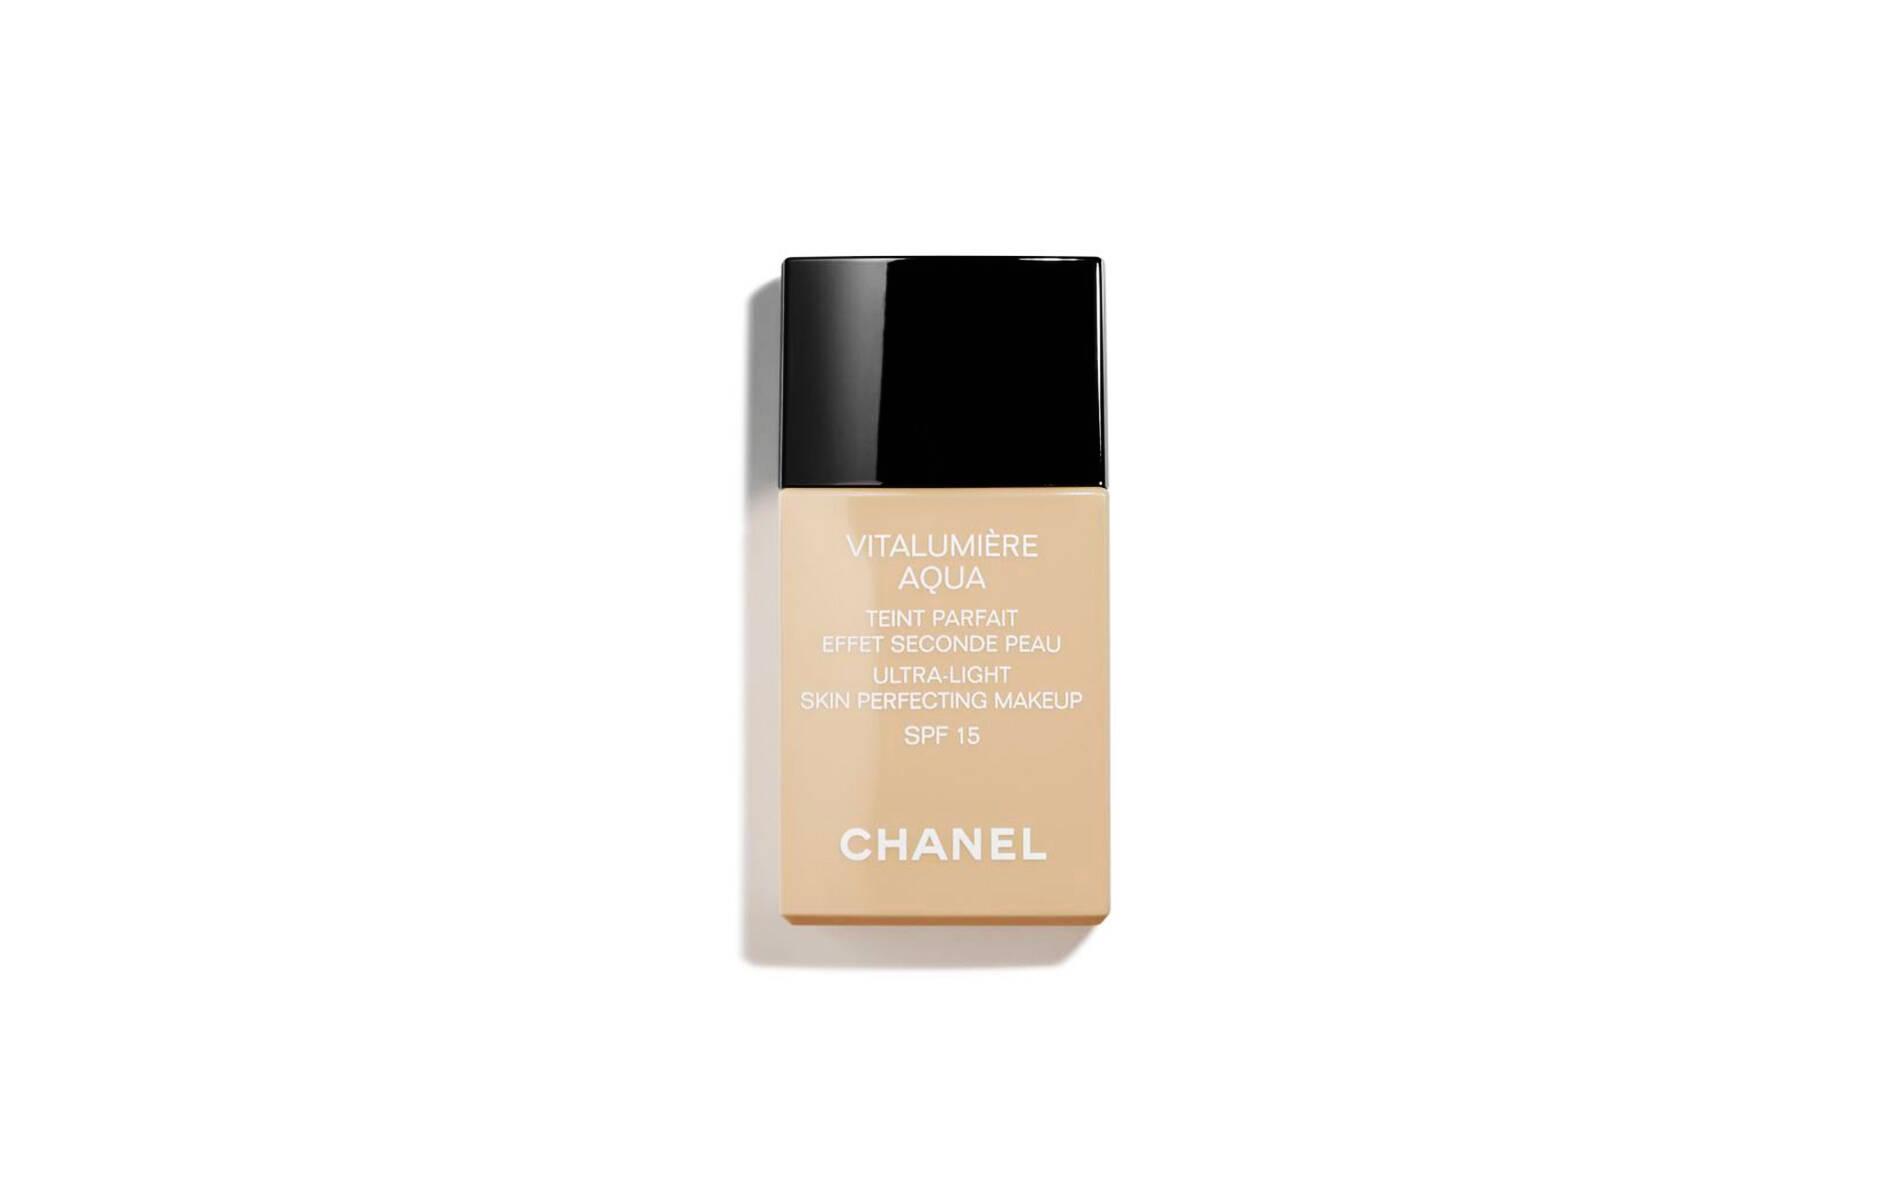 Base líquida promove conforto intenso. Sua fórmula deixa o rosto com aspecto uniforme, criando um efeito imediato de brilho saudável. . Foto: Chanel / Divulgação